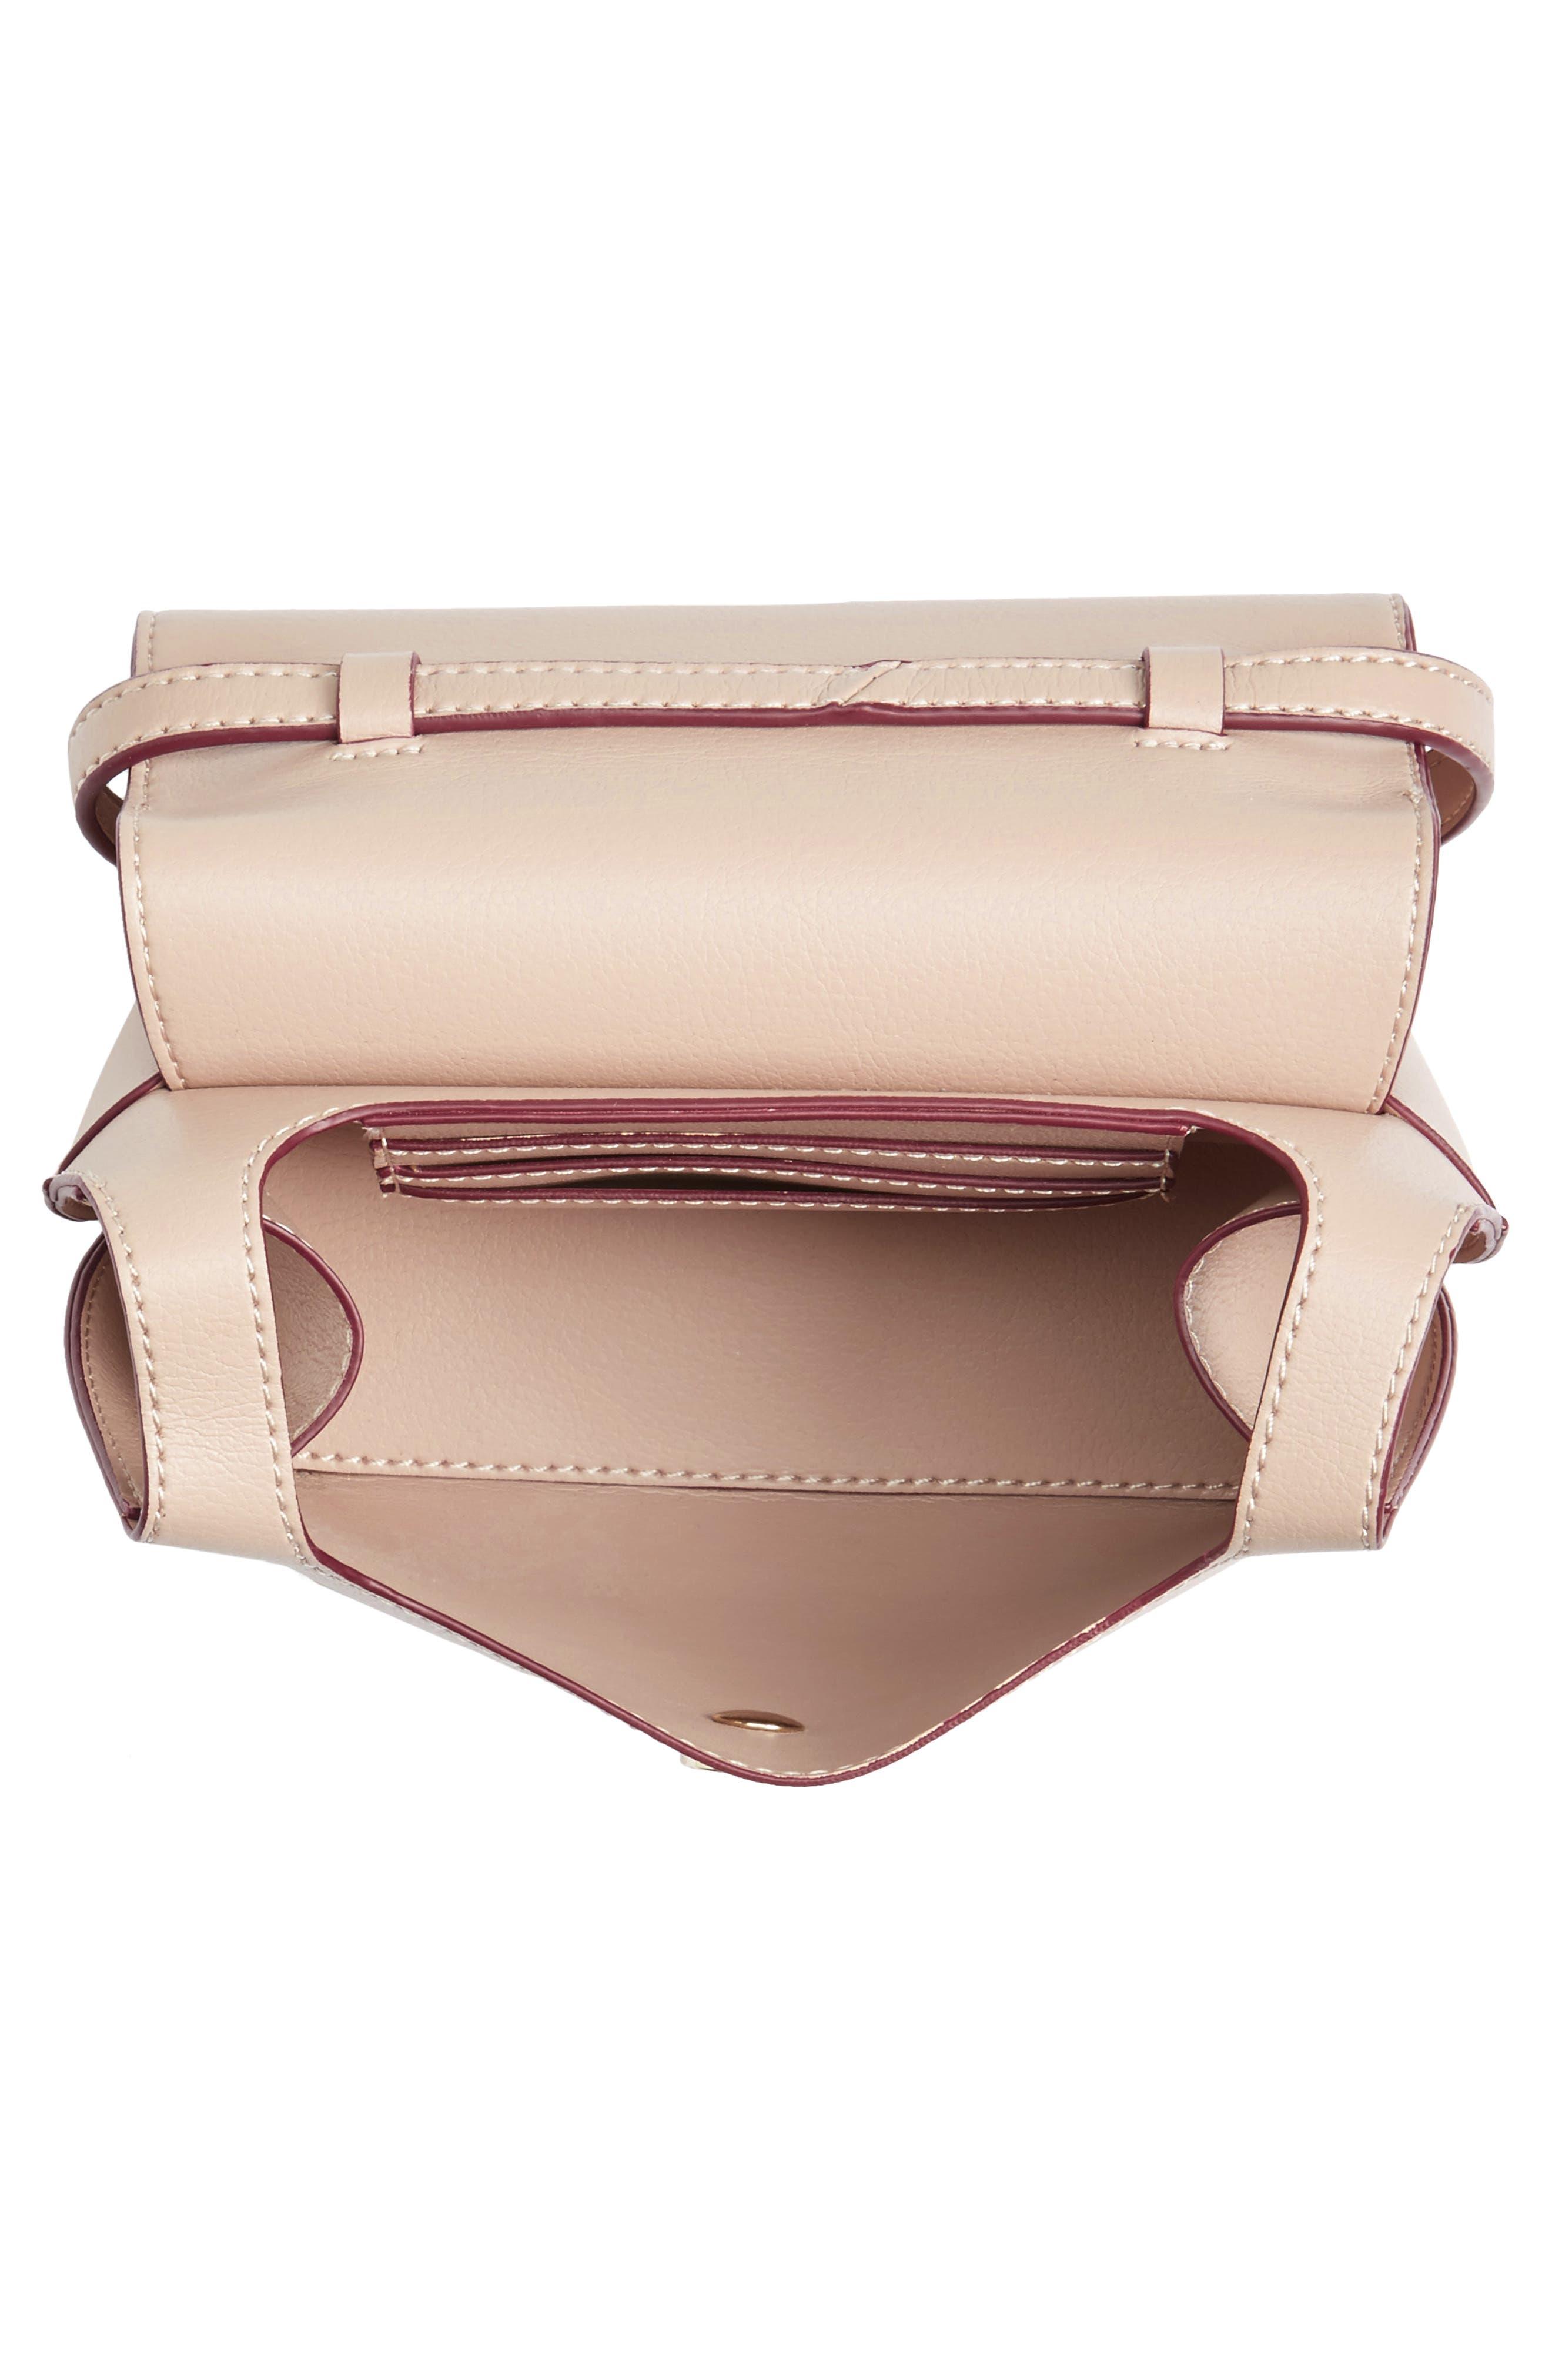 Mini Chino Crossbody Bag,                             Alternate thumbnail 4, color,                             Blush